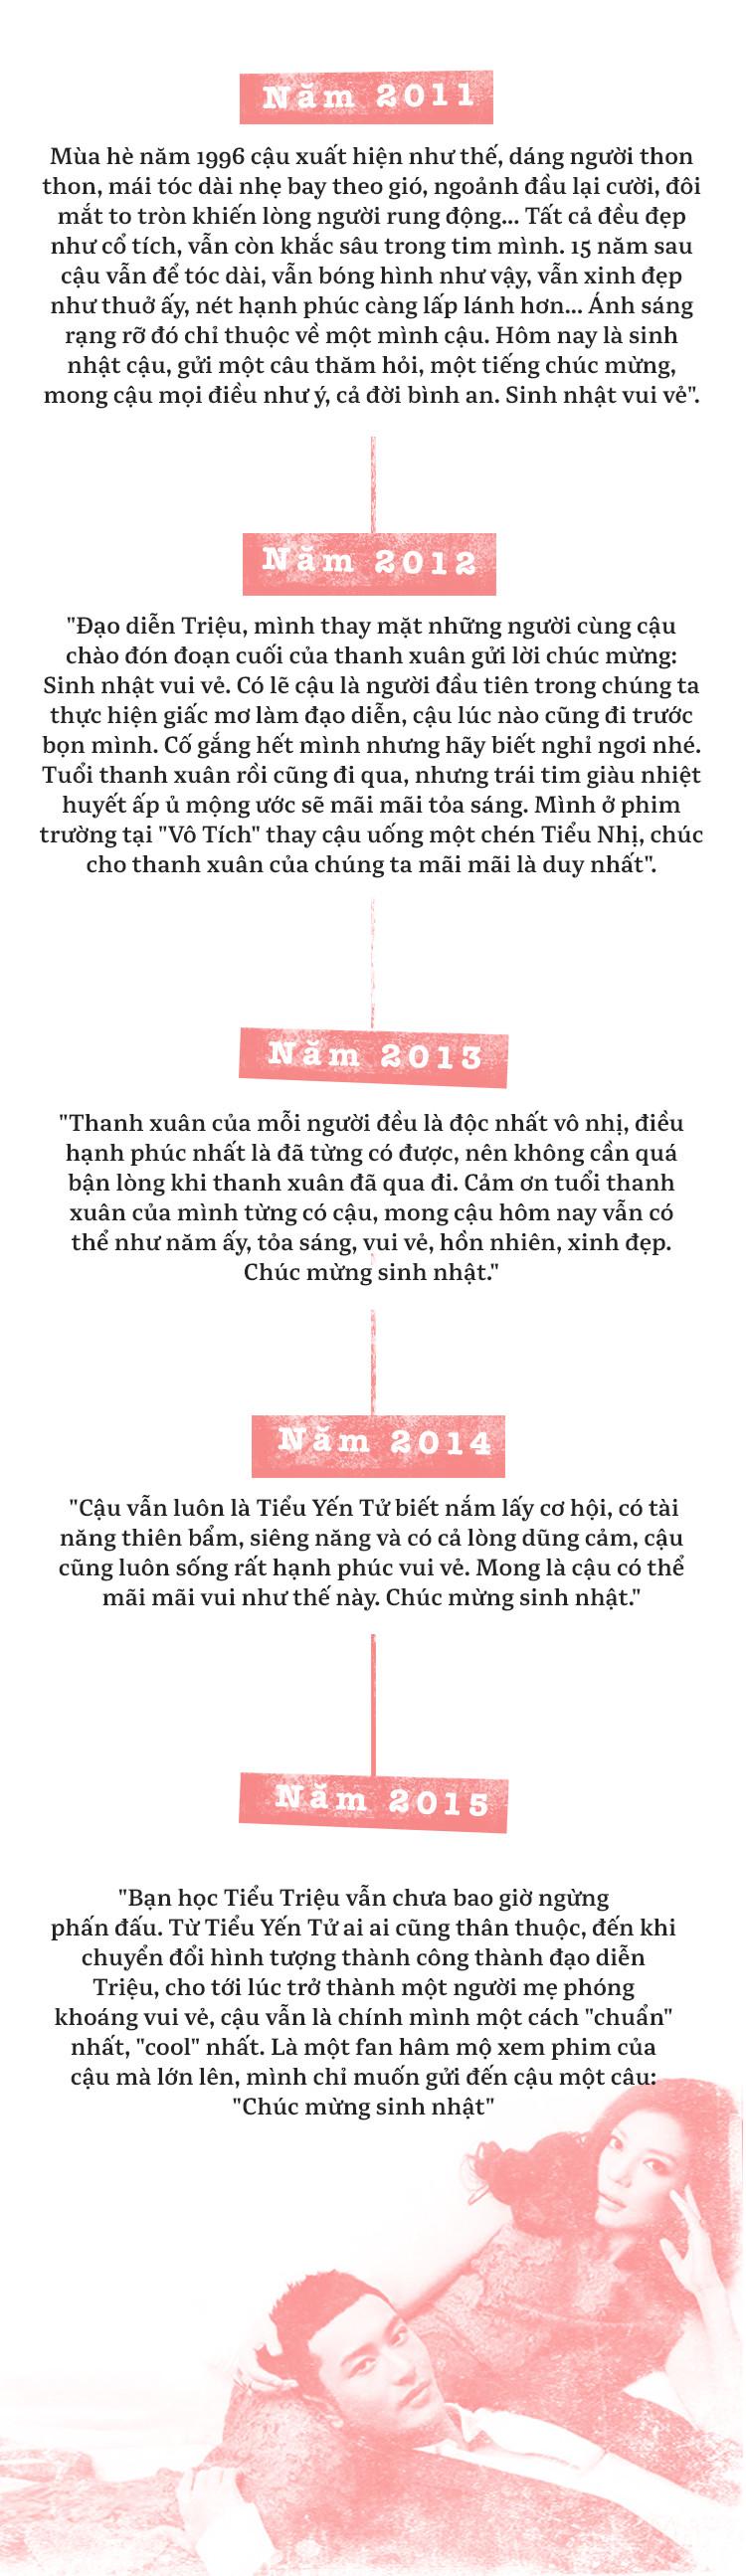 Huỳnh Hiểu Minh - Triệu Vy: Có một mối lương duyên mang tên tỏ tình thất bại - Ảnh 9.